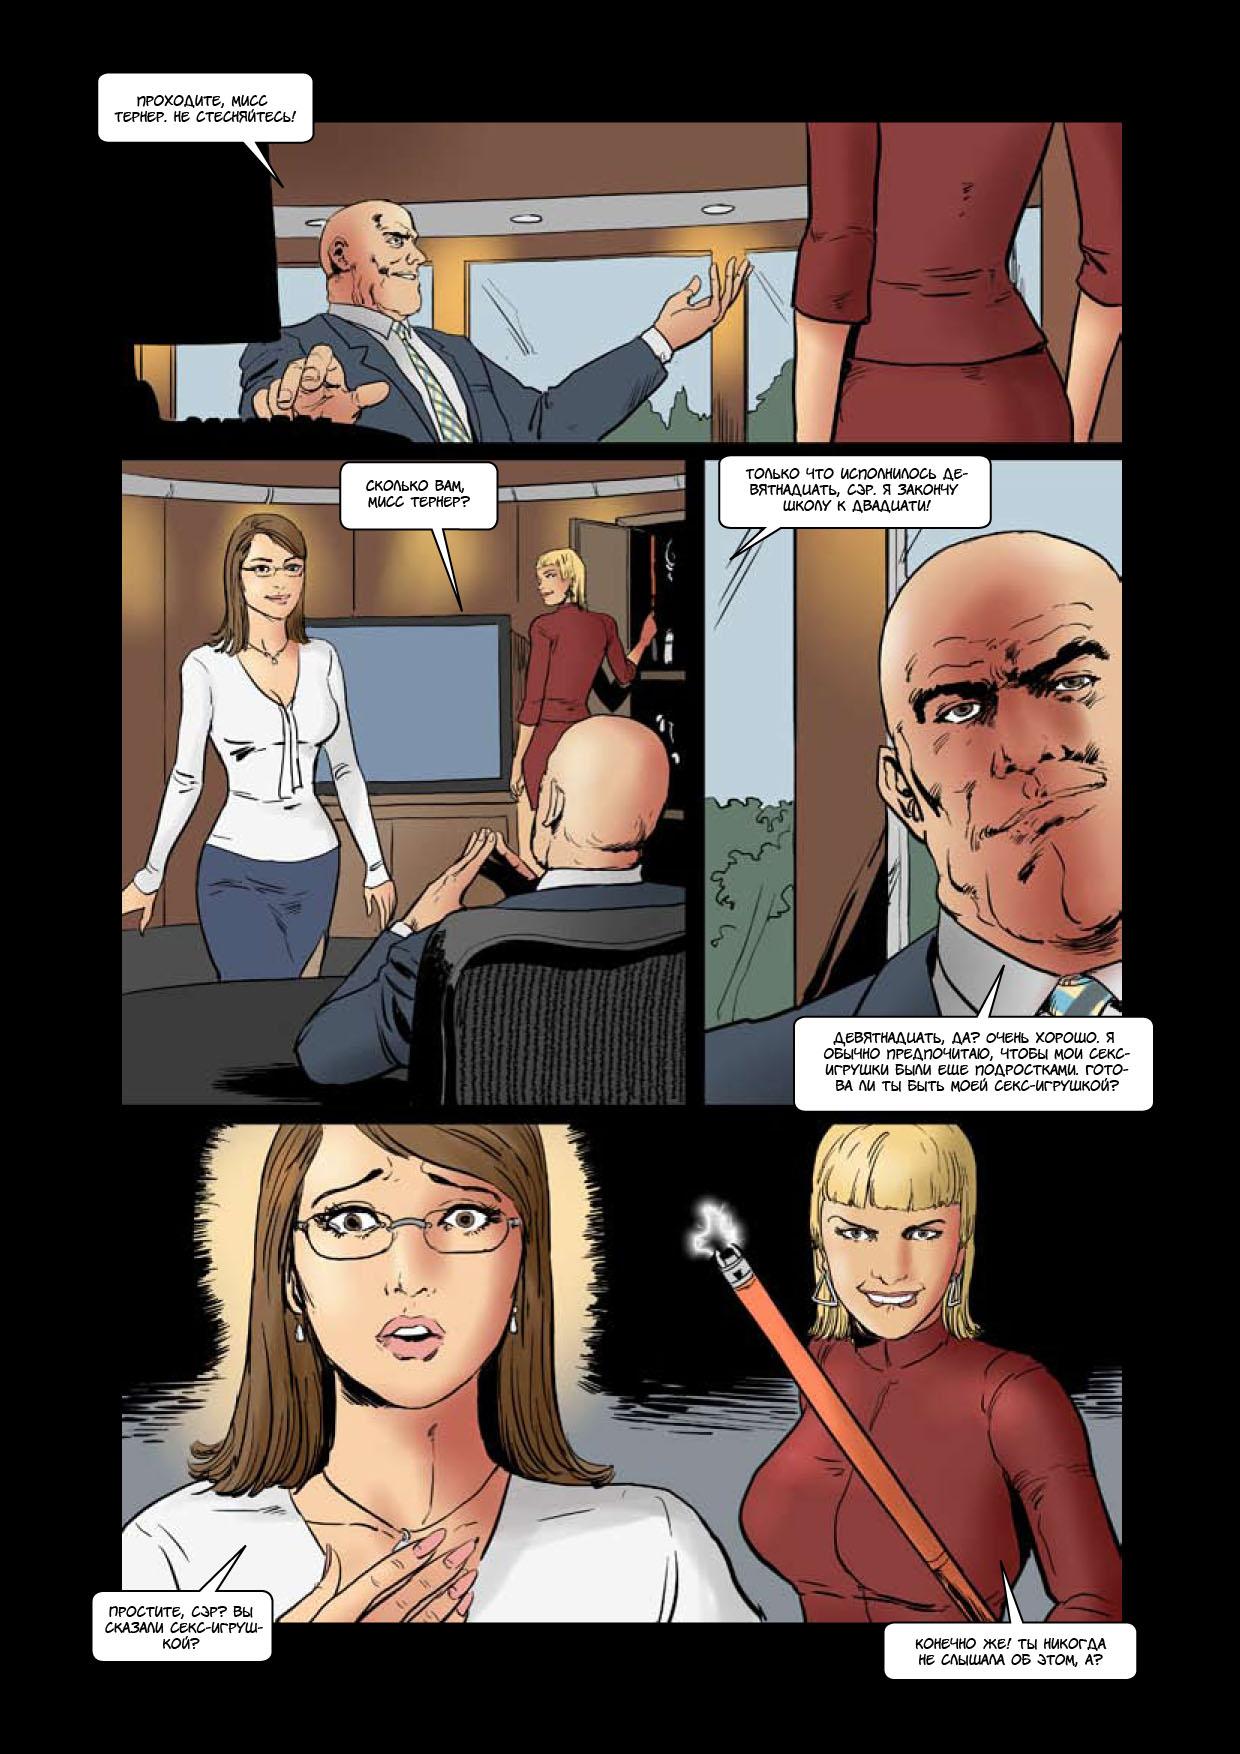 жесткие порно комиксы про казни пытки бдсм фото